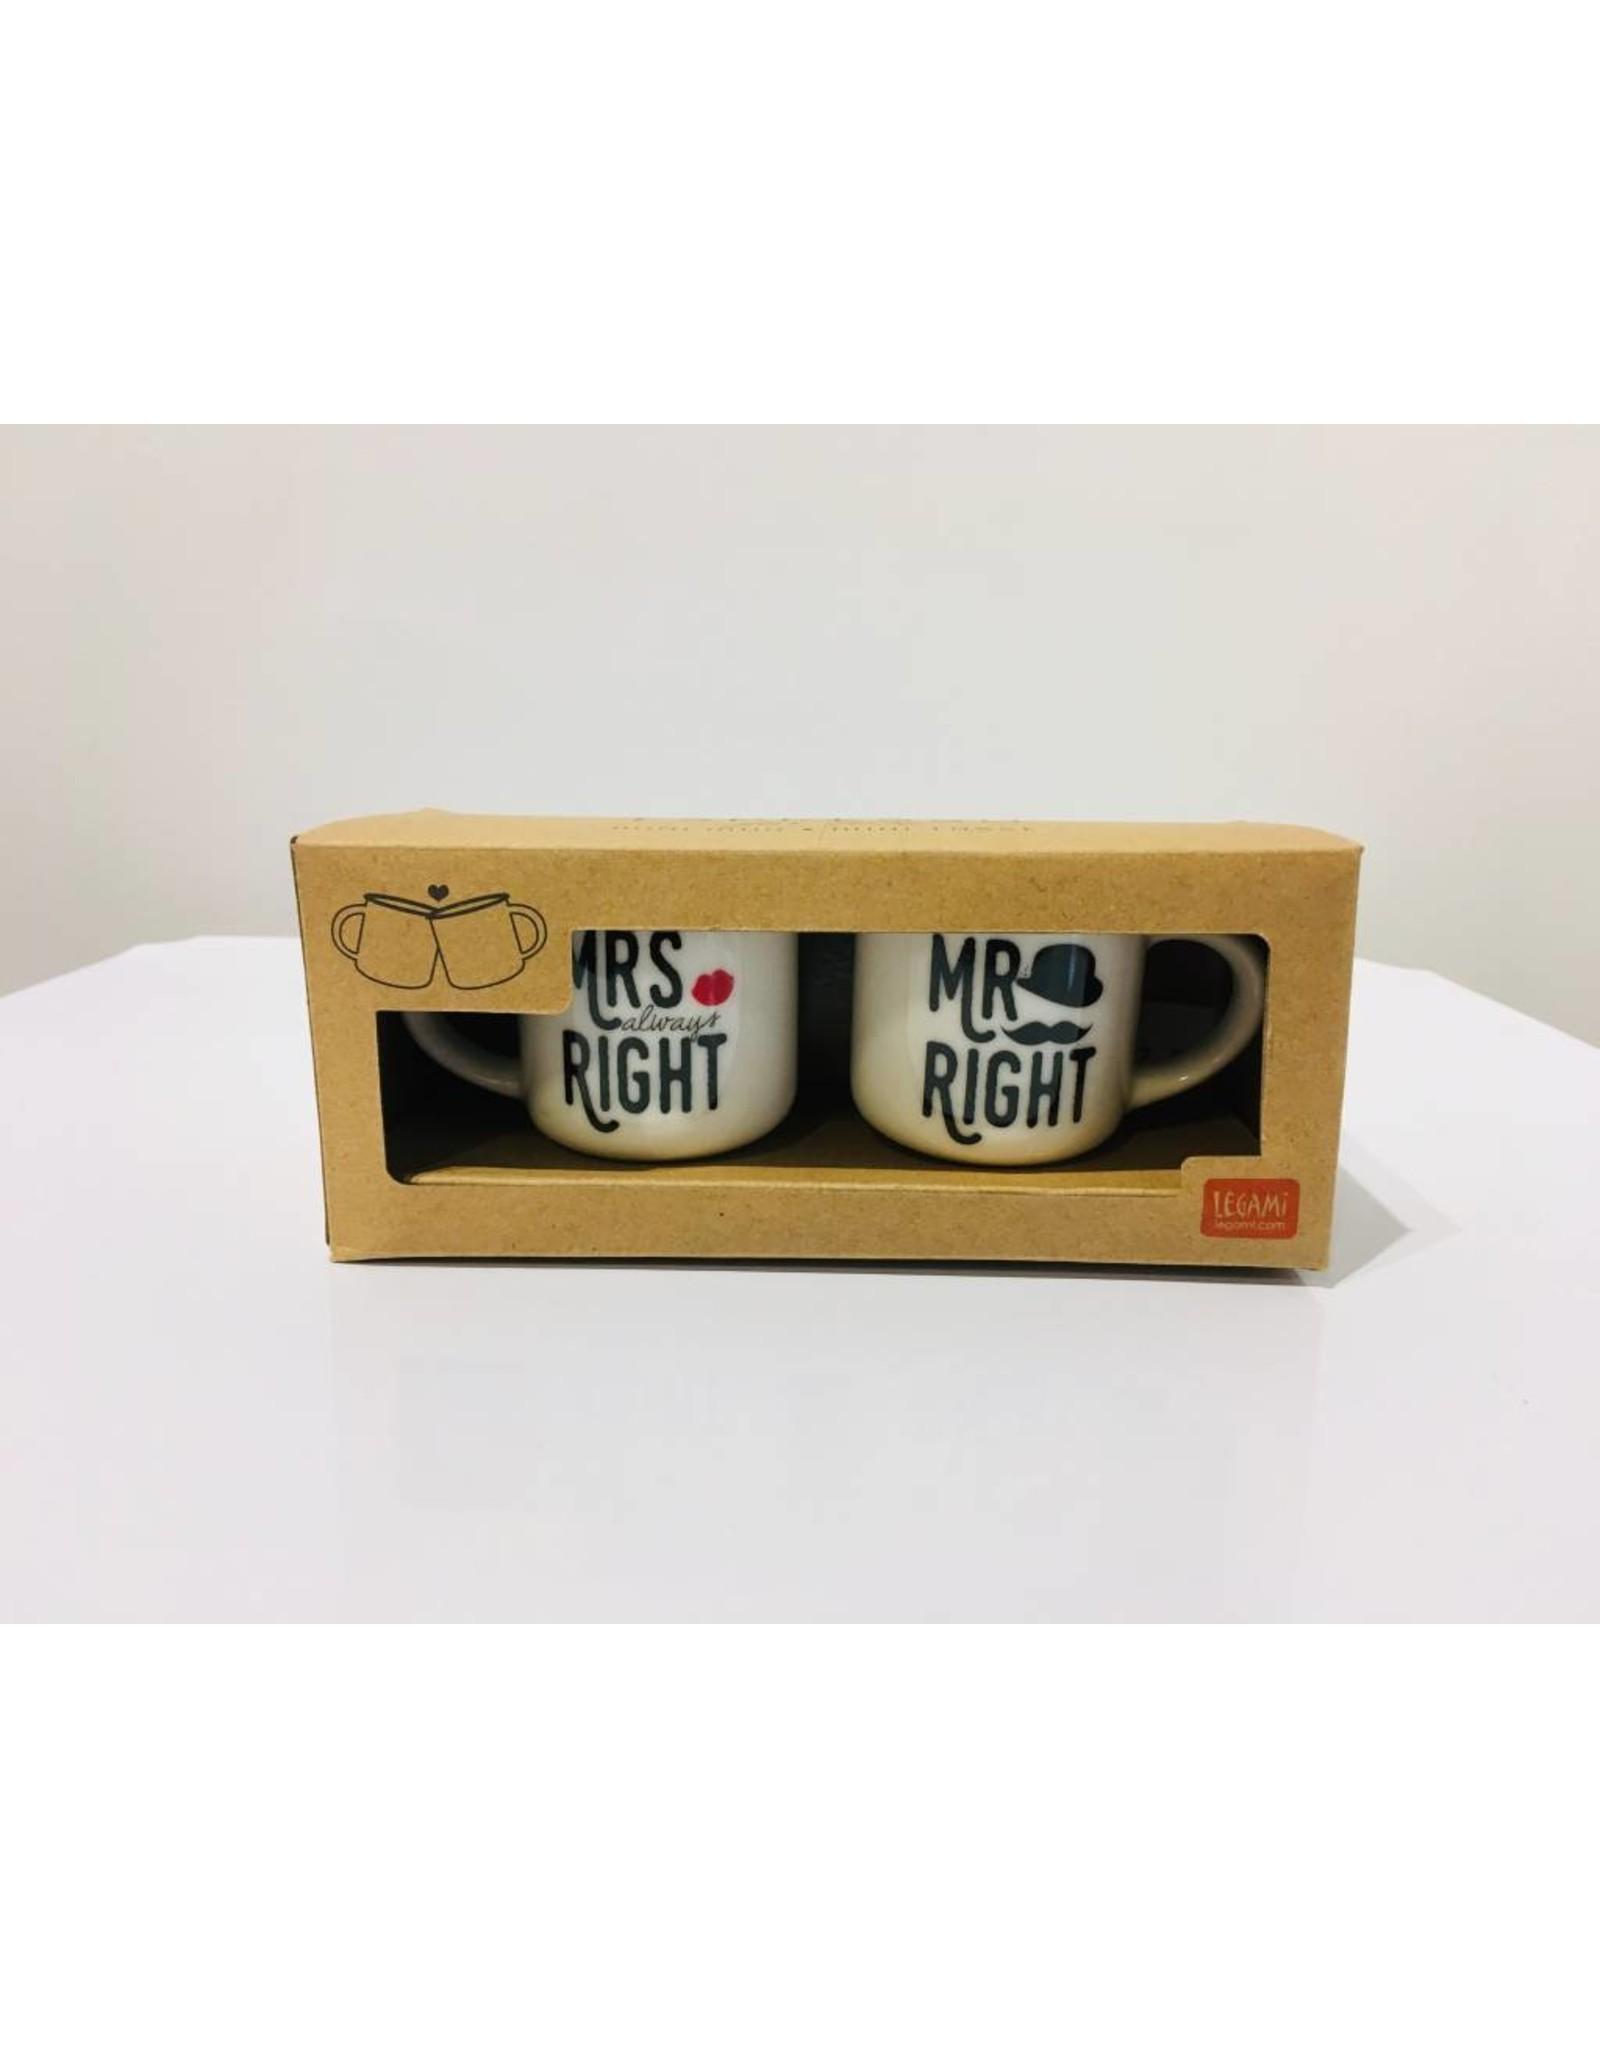 espresso mugs - Mrs right / Mr right